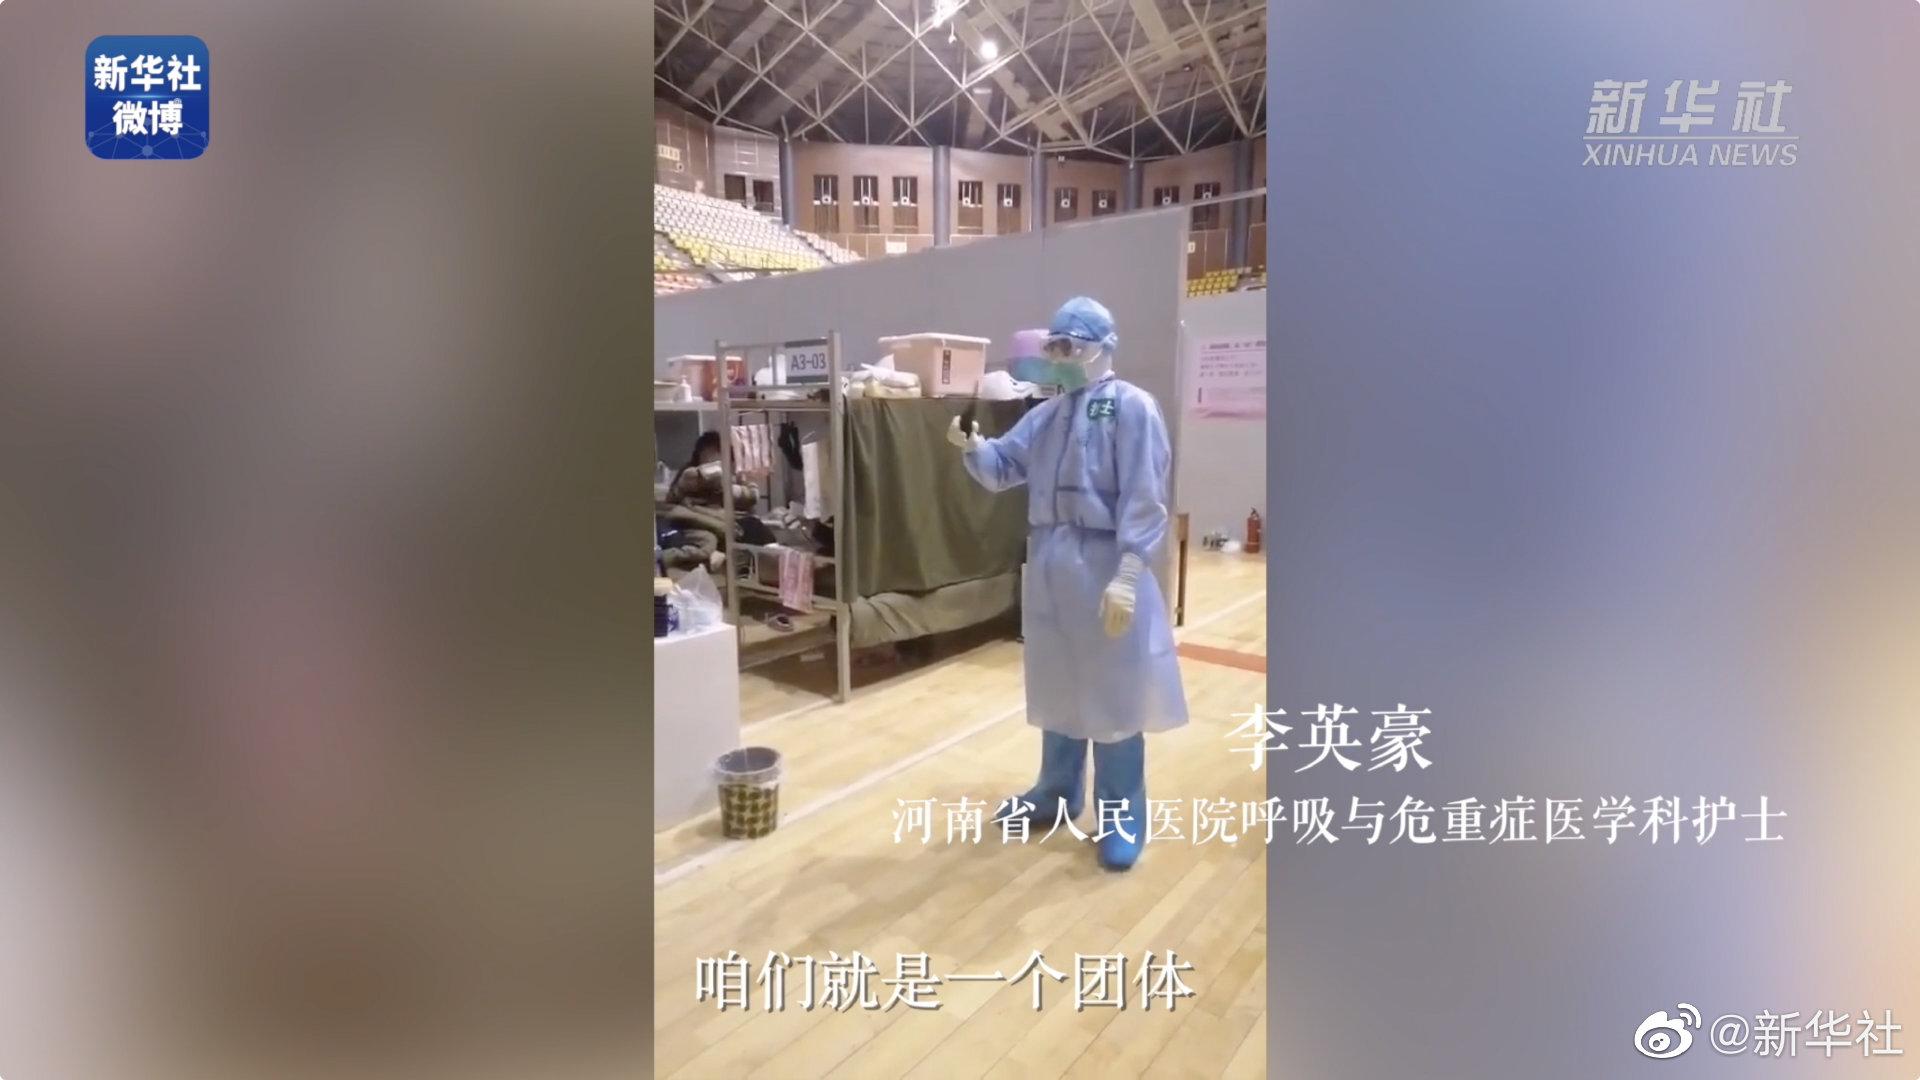 《郑州地铁5号线逆行救人的护士曾是援鄂医疗队员》